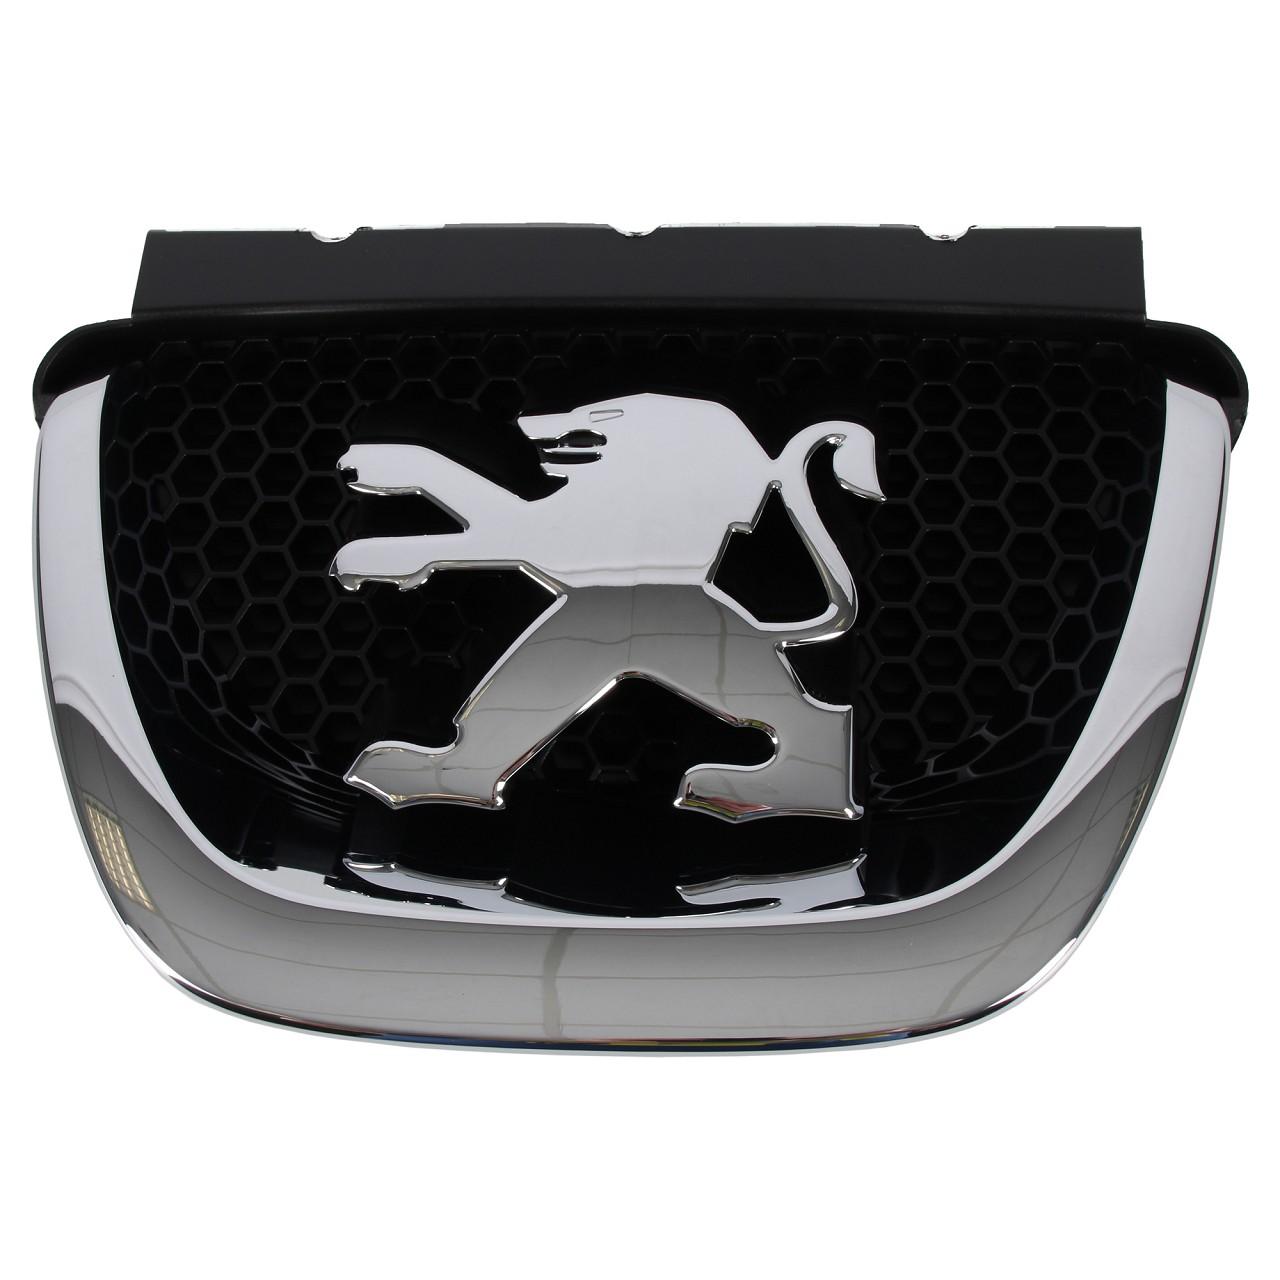 ORIGINAL Peugeot Emblem Logo Stoßstange 308 / 308 CC / 308 SW vorne 7810.S5